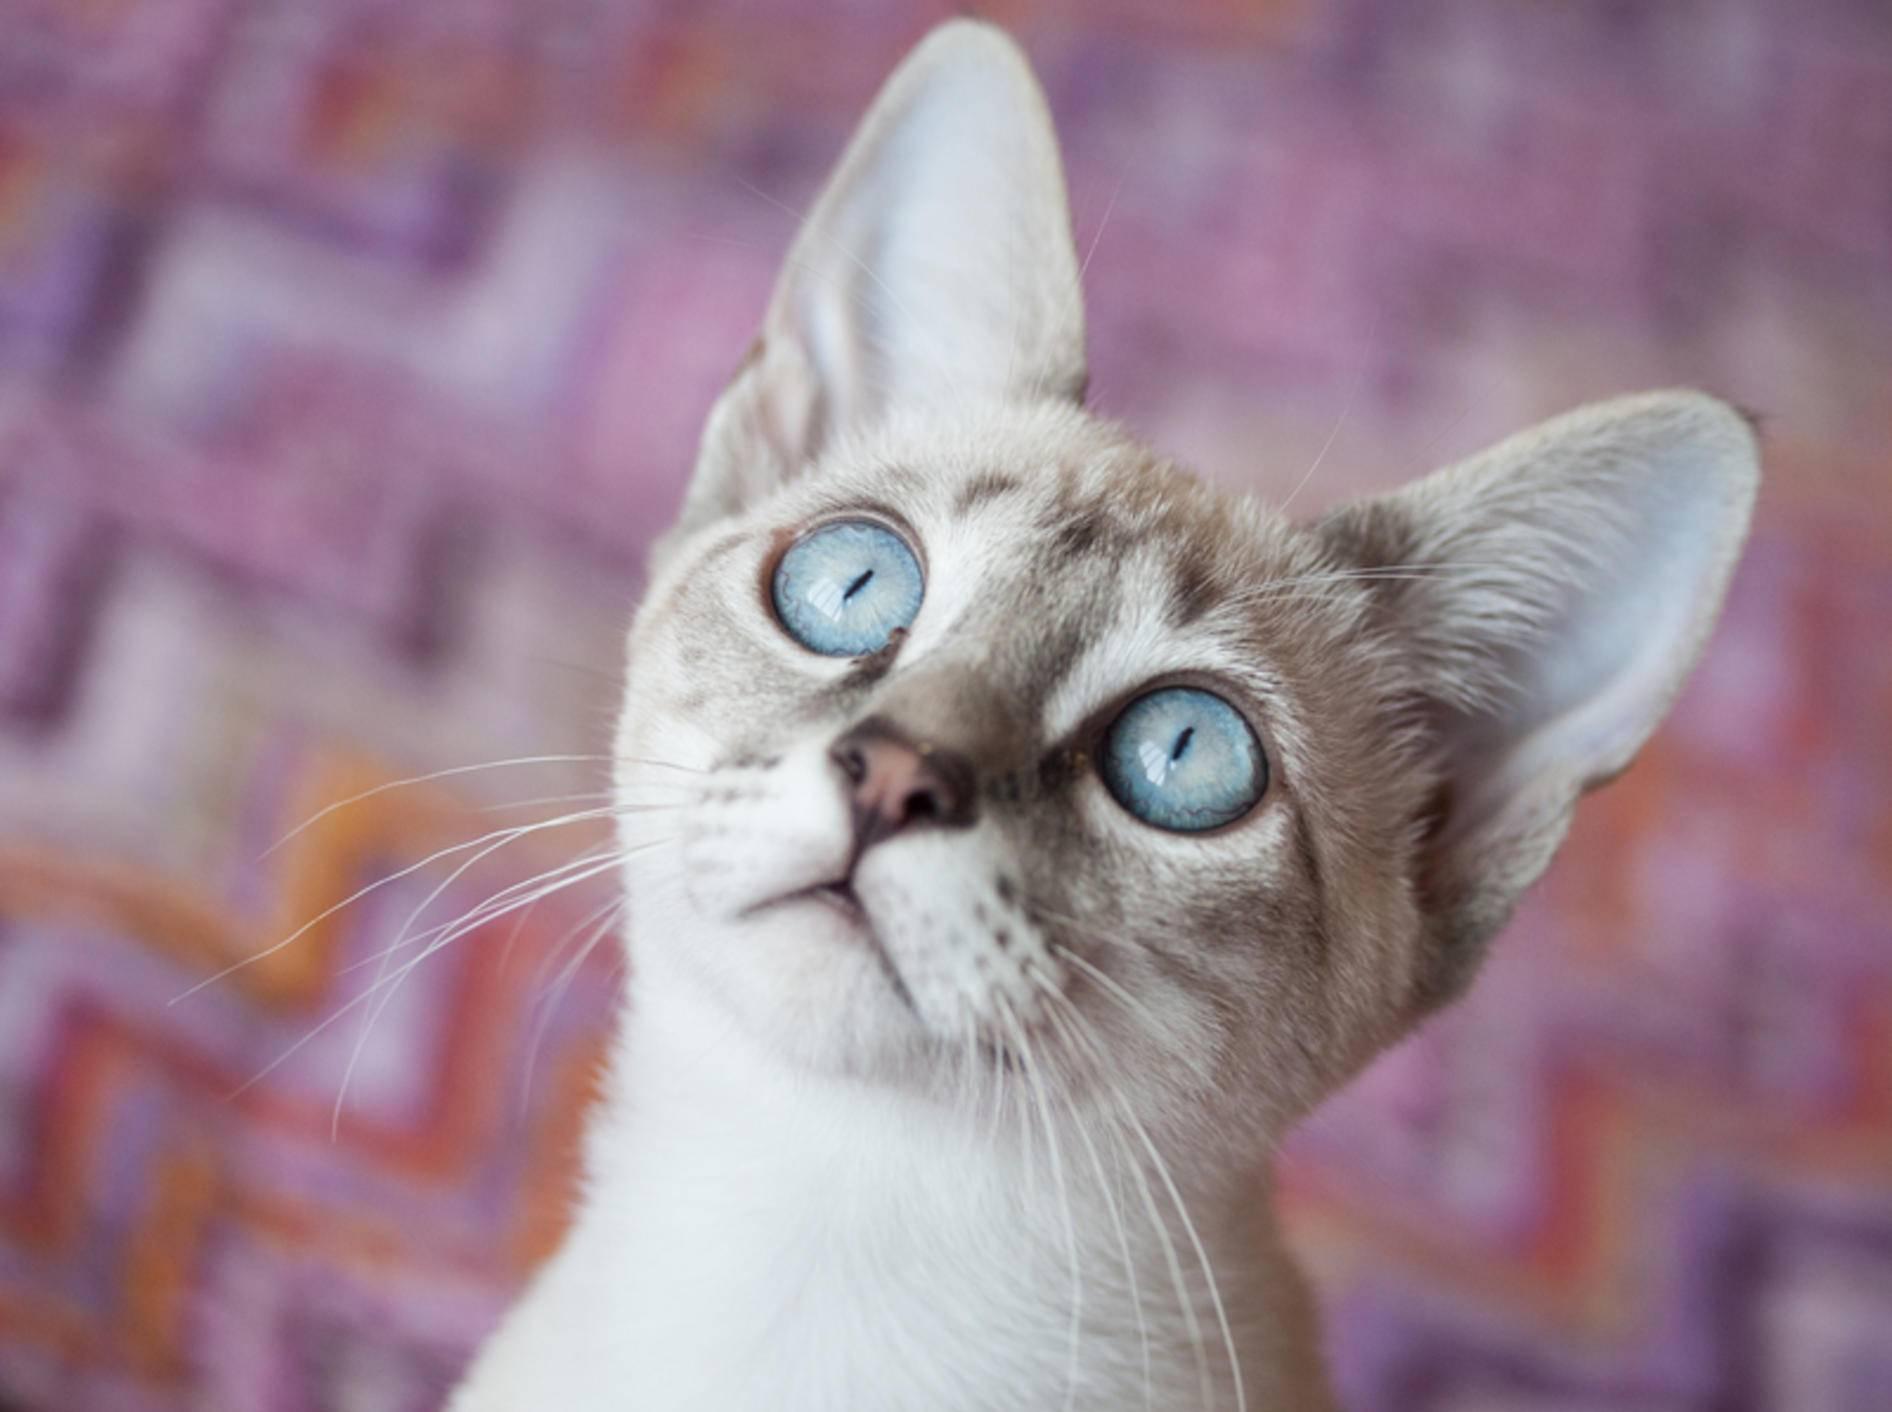 """""""Ui, Beute!"""": Diese hübsche Point-Katze mit ihren eisblauen Augen scheint in Spiellaune zu sein – Shutterstock / Talita Nicolielo"""